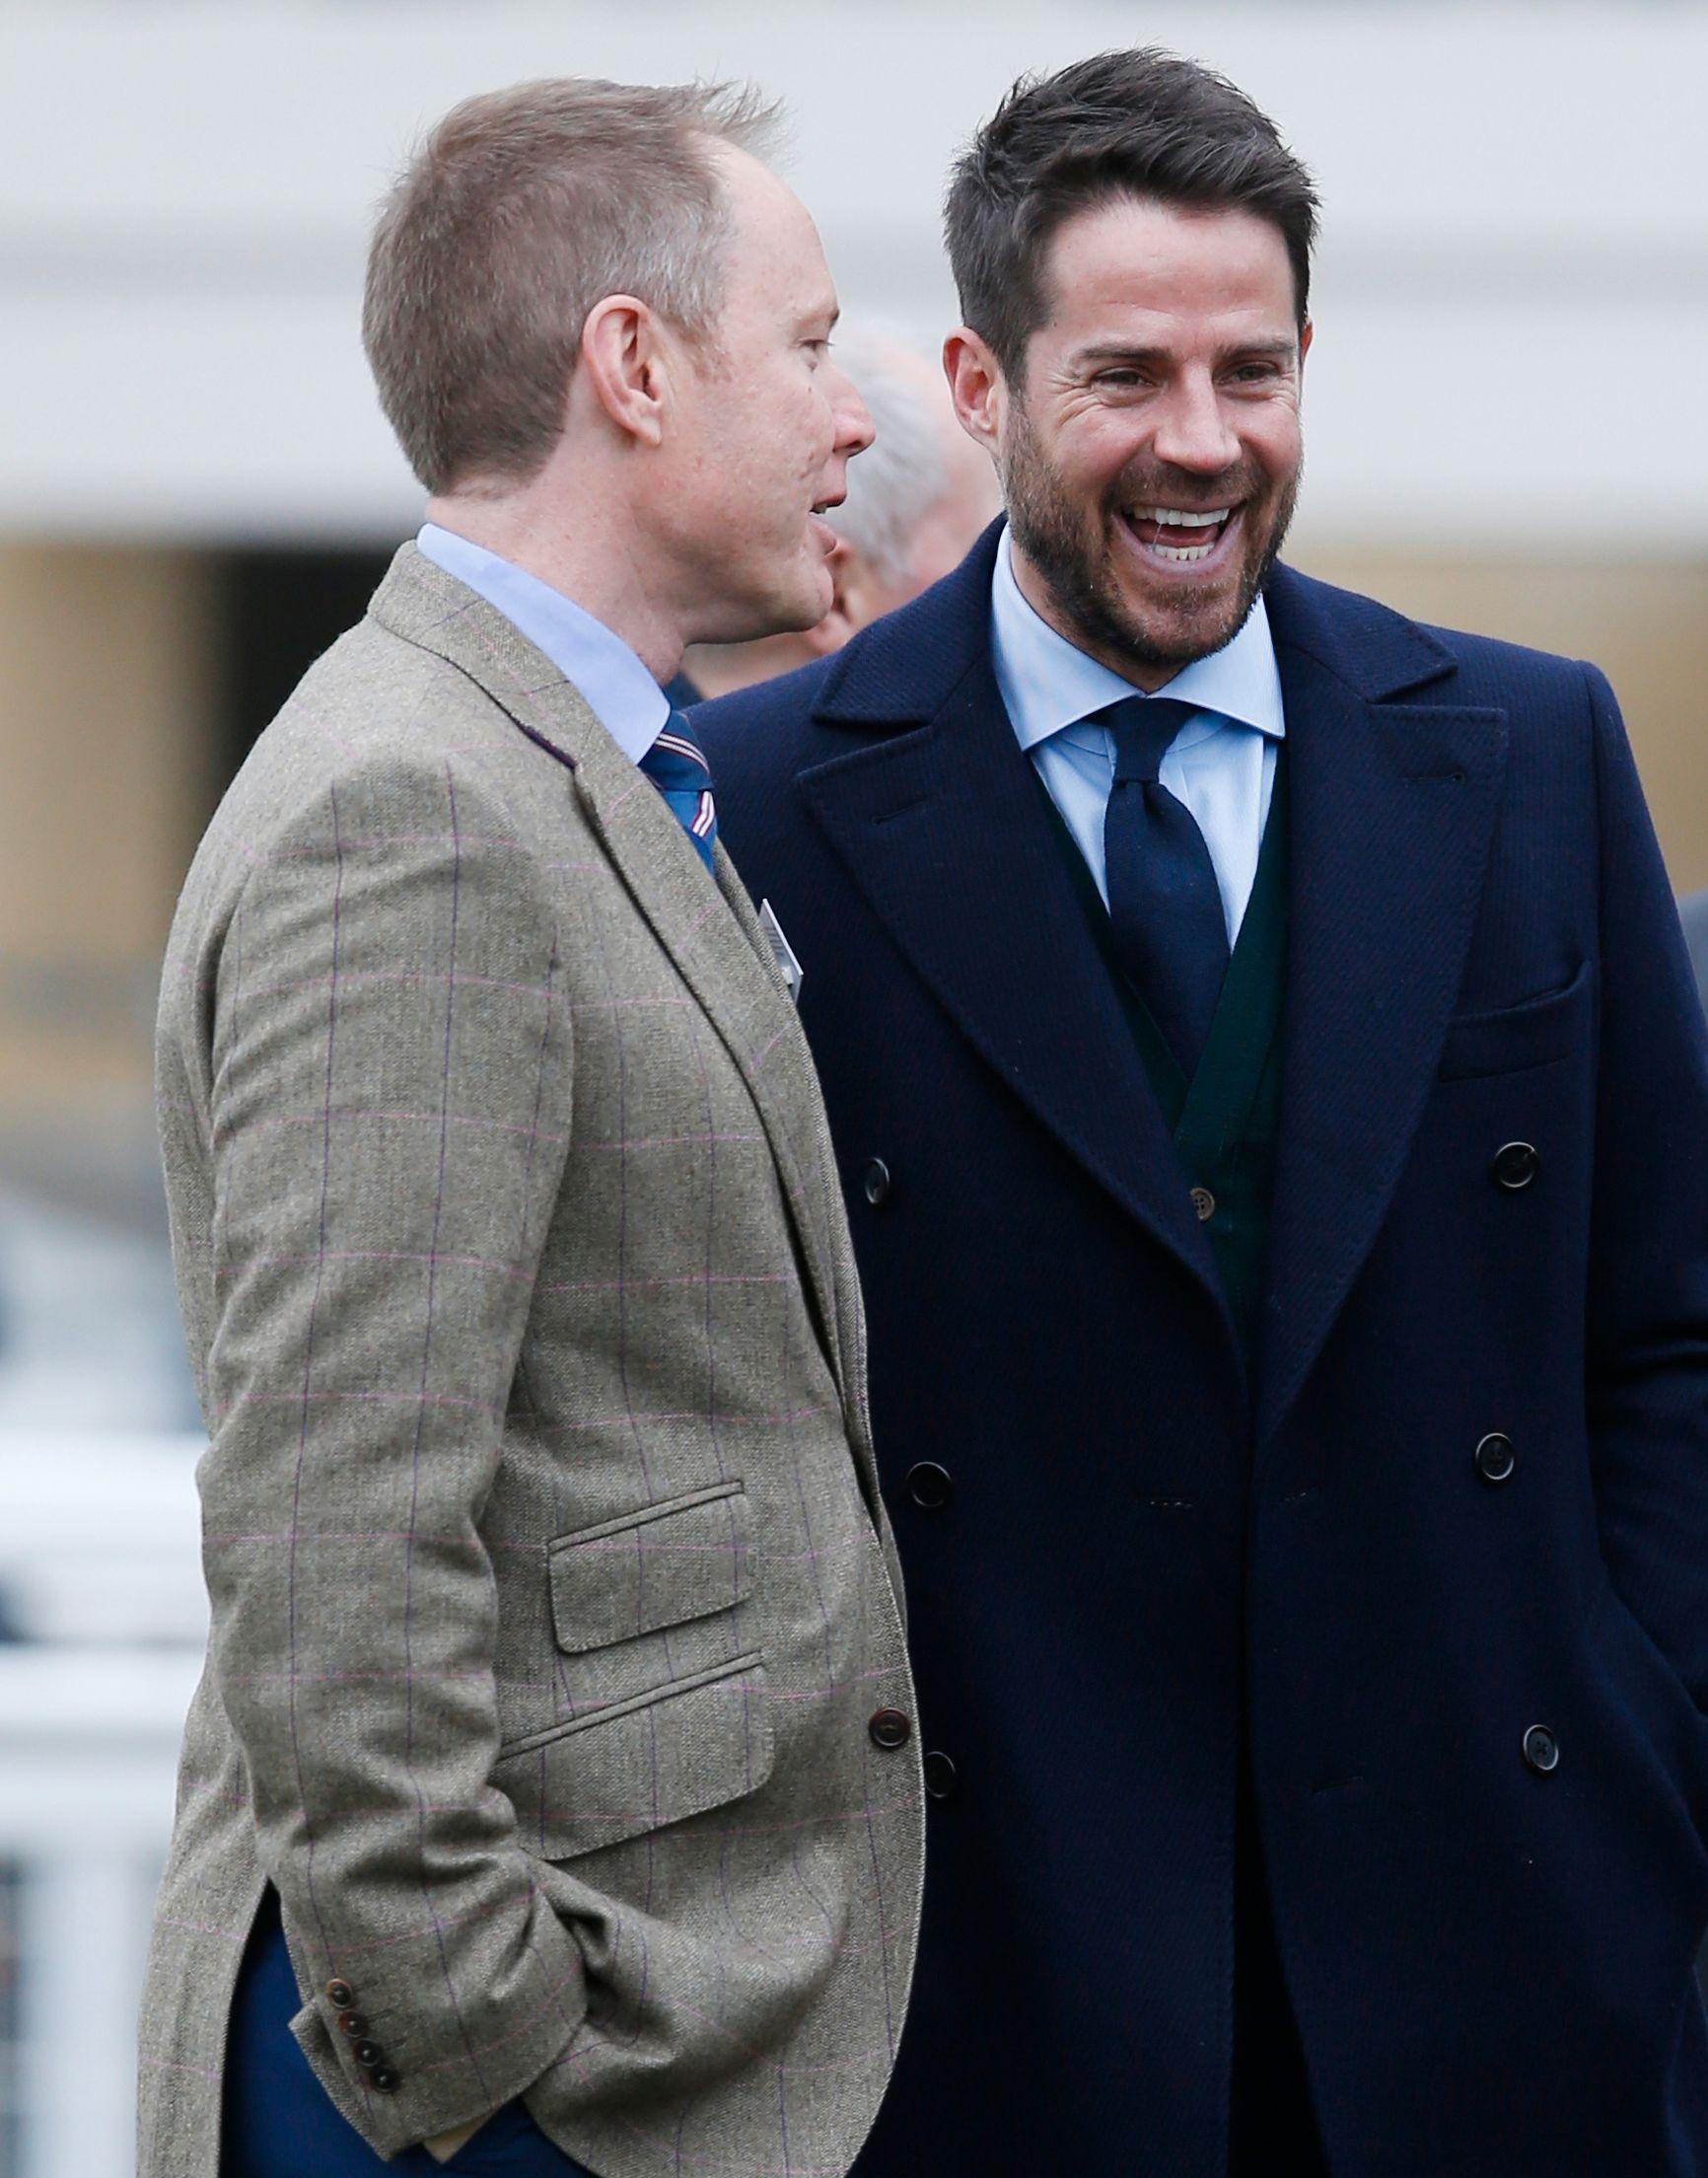 STØTTER ROONEY-VRAKING: Fotball-ekspert Jamie Redknapp (høyre) sammen med en bekjent på travbanen i England.